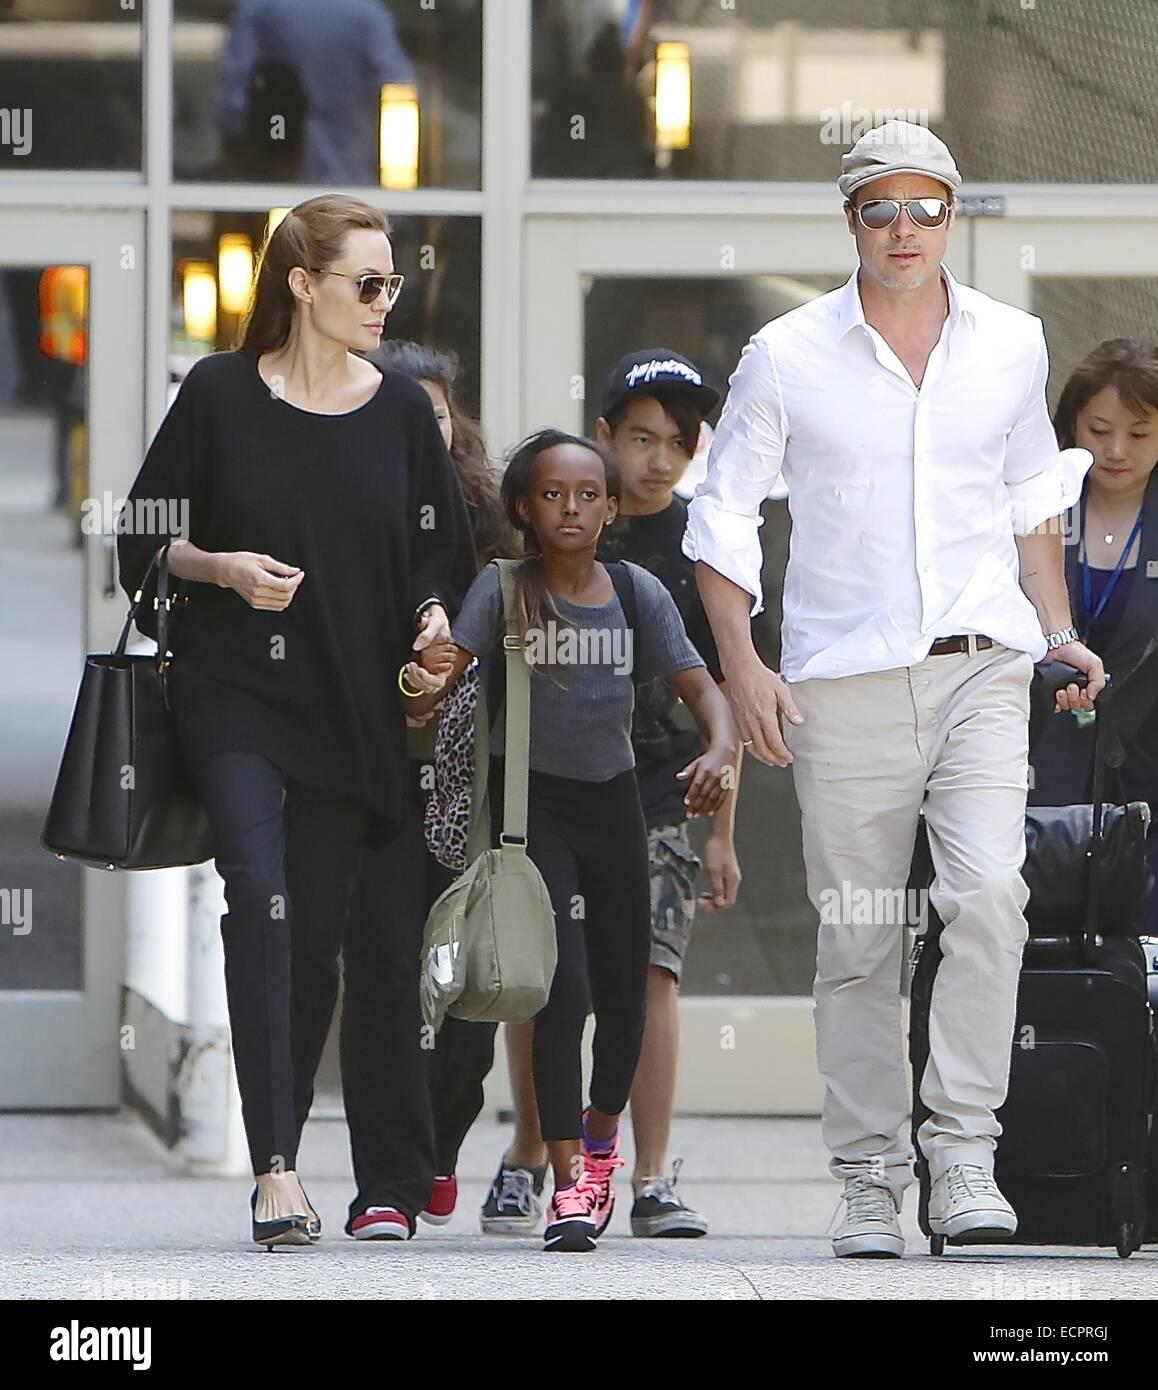 Brad Pitt e Angelina Jolie chegar em Los Angeles (LAX) Aeroporto Internacional com seus filhos Maddox e Zahara apresentando: Imagens de Stock